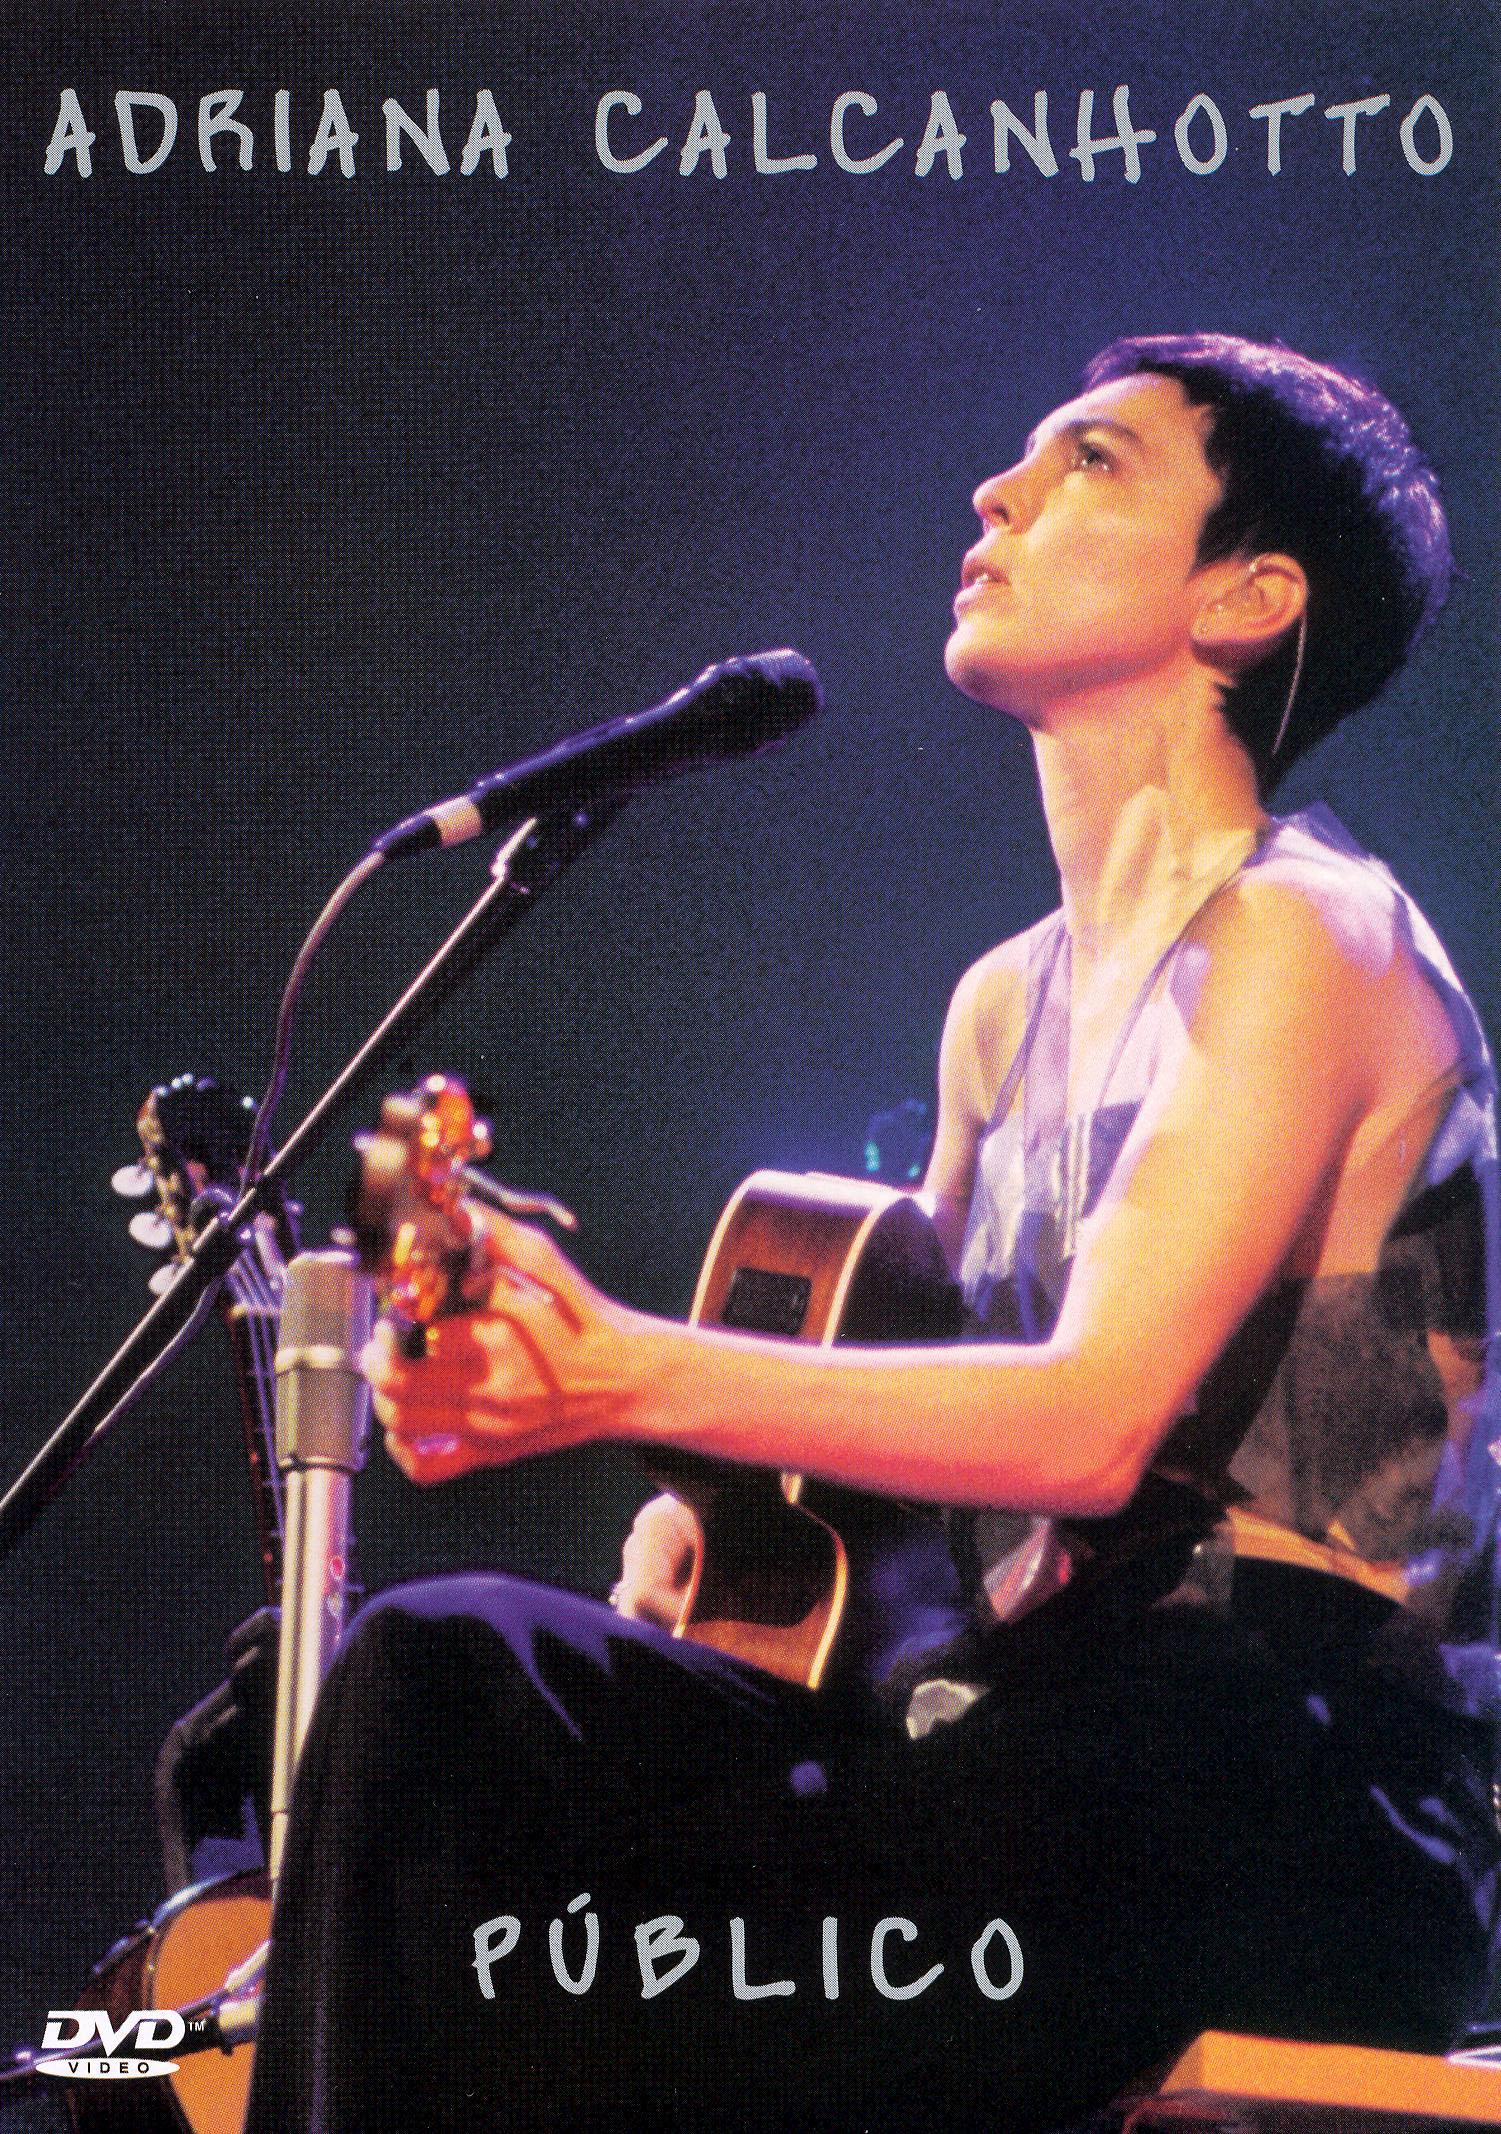 Adriana Calcanhotto: Público